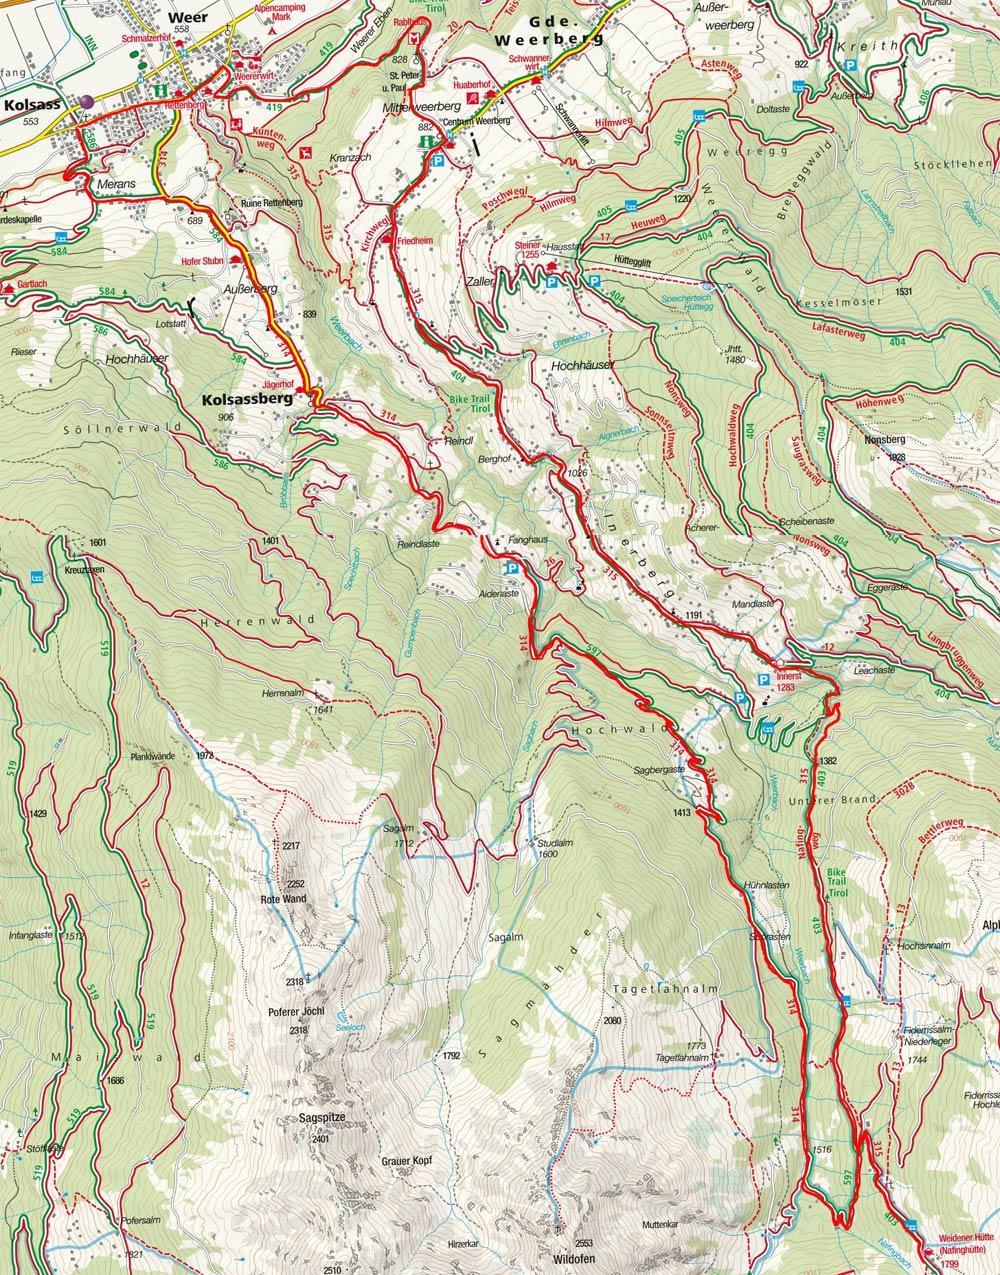 Weidener Hütte–Weertal Runde von Kolsass